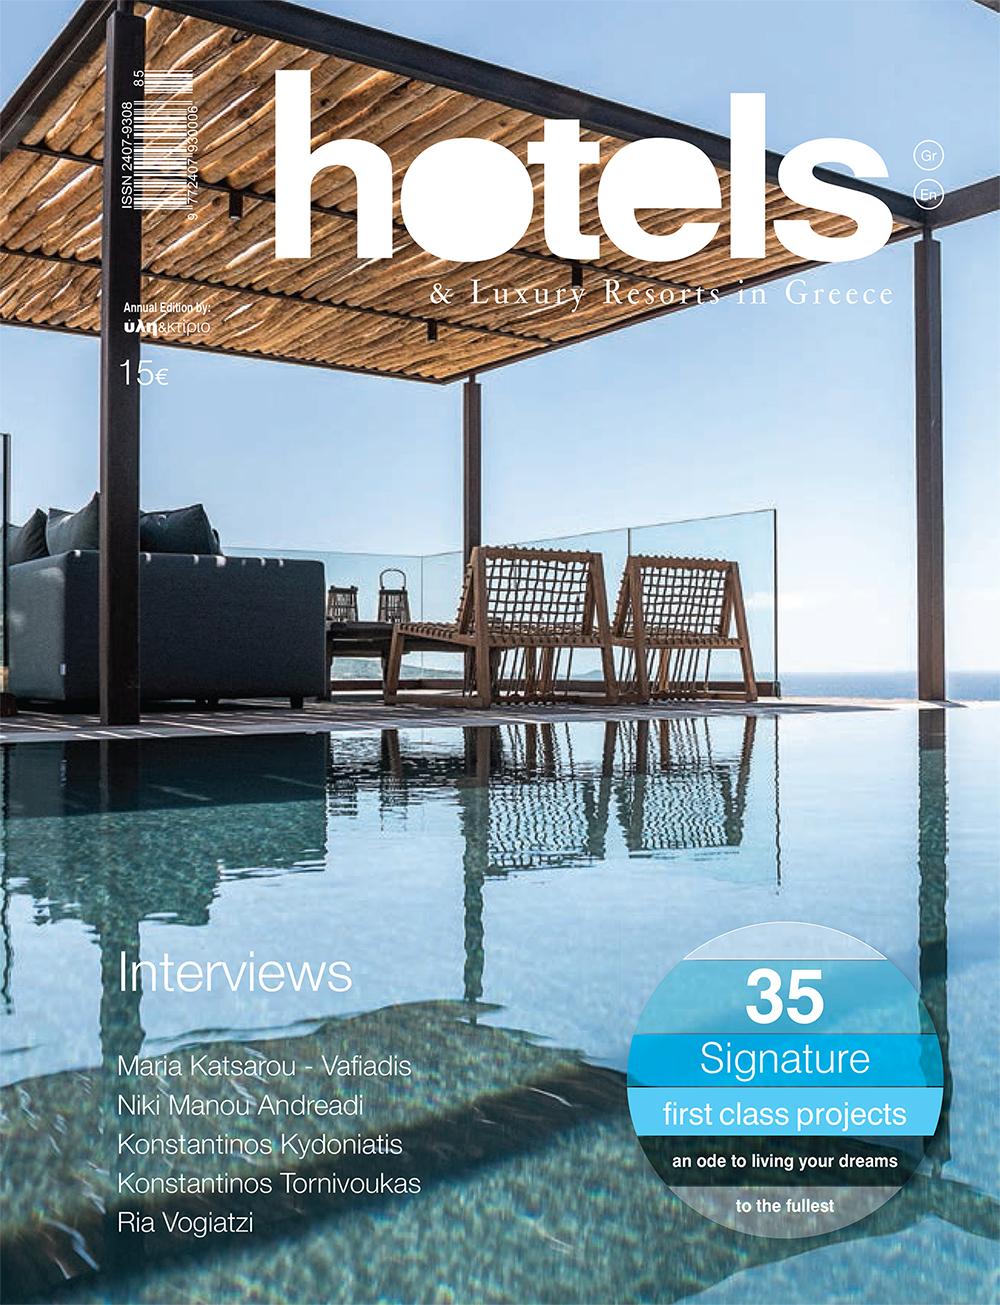 CARAVIA BEACH JUNIOR SUITES & RESTAURANT    hotels 2018 / OCT 2018